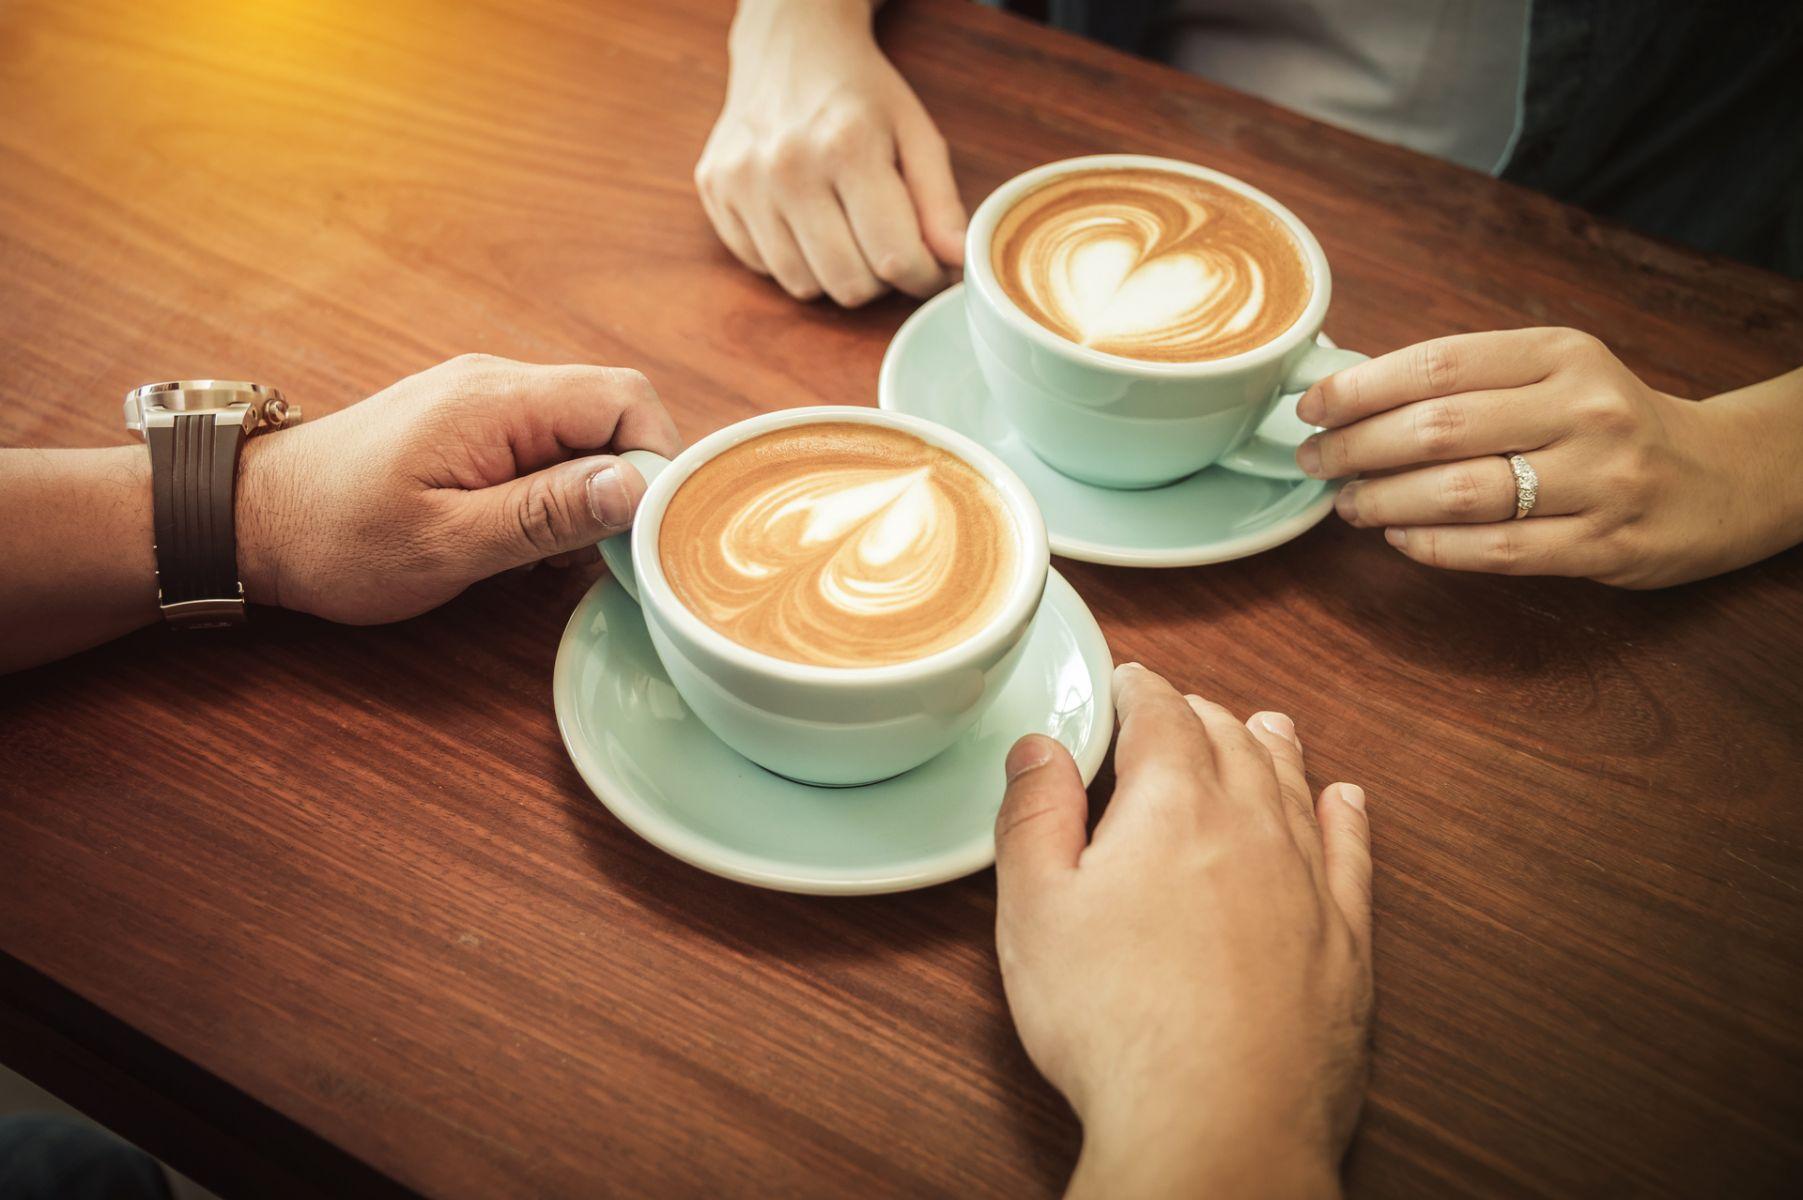 喝咖啡能降低糖尿病風險?醫師:三高、心臟病友「這樣喝」